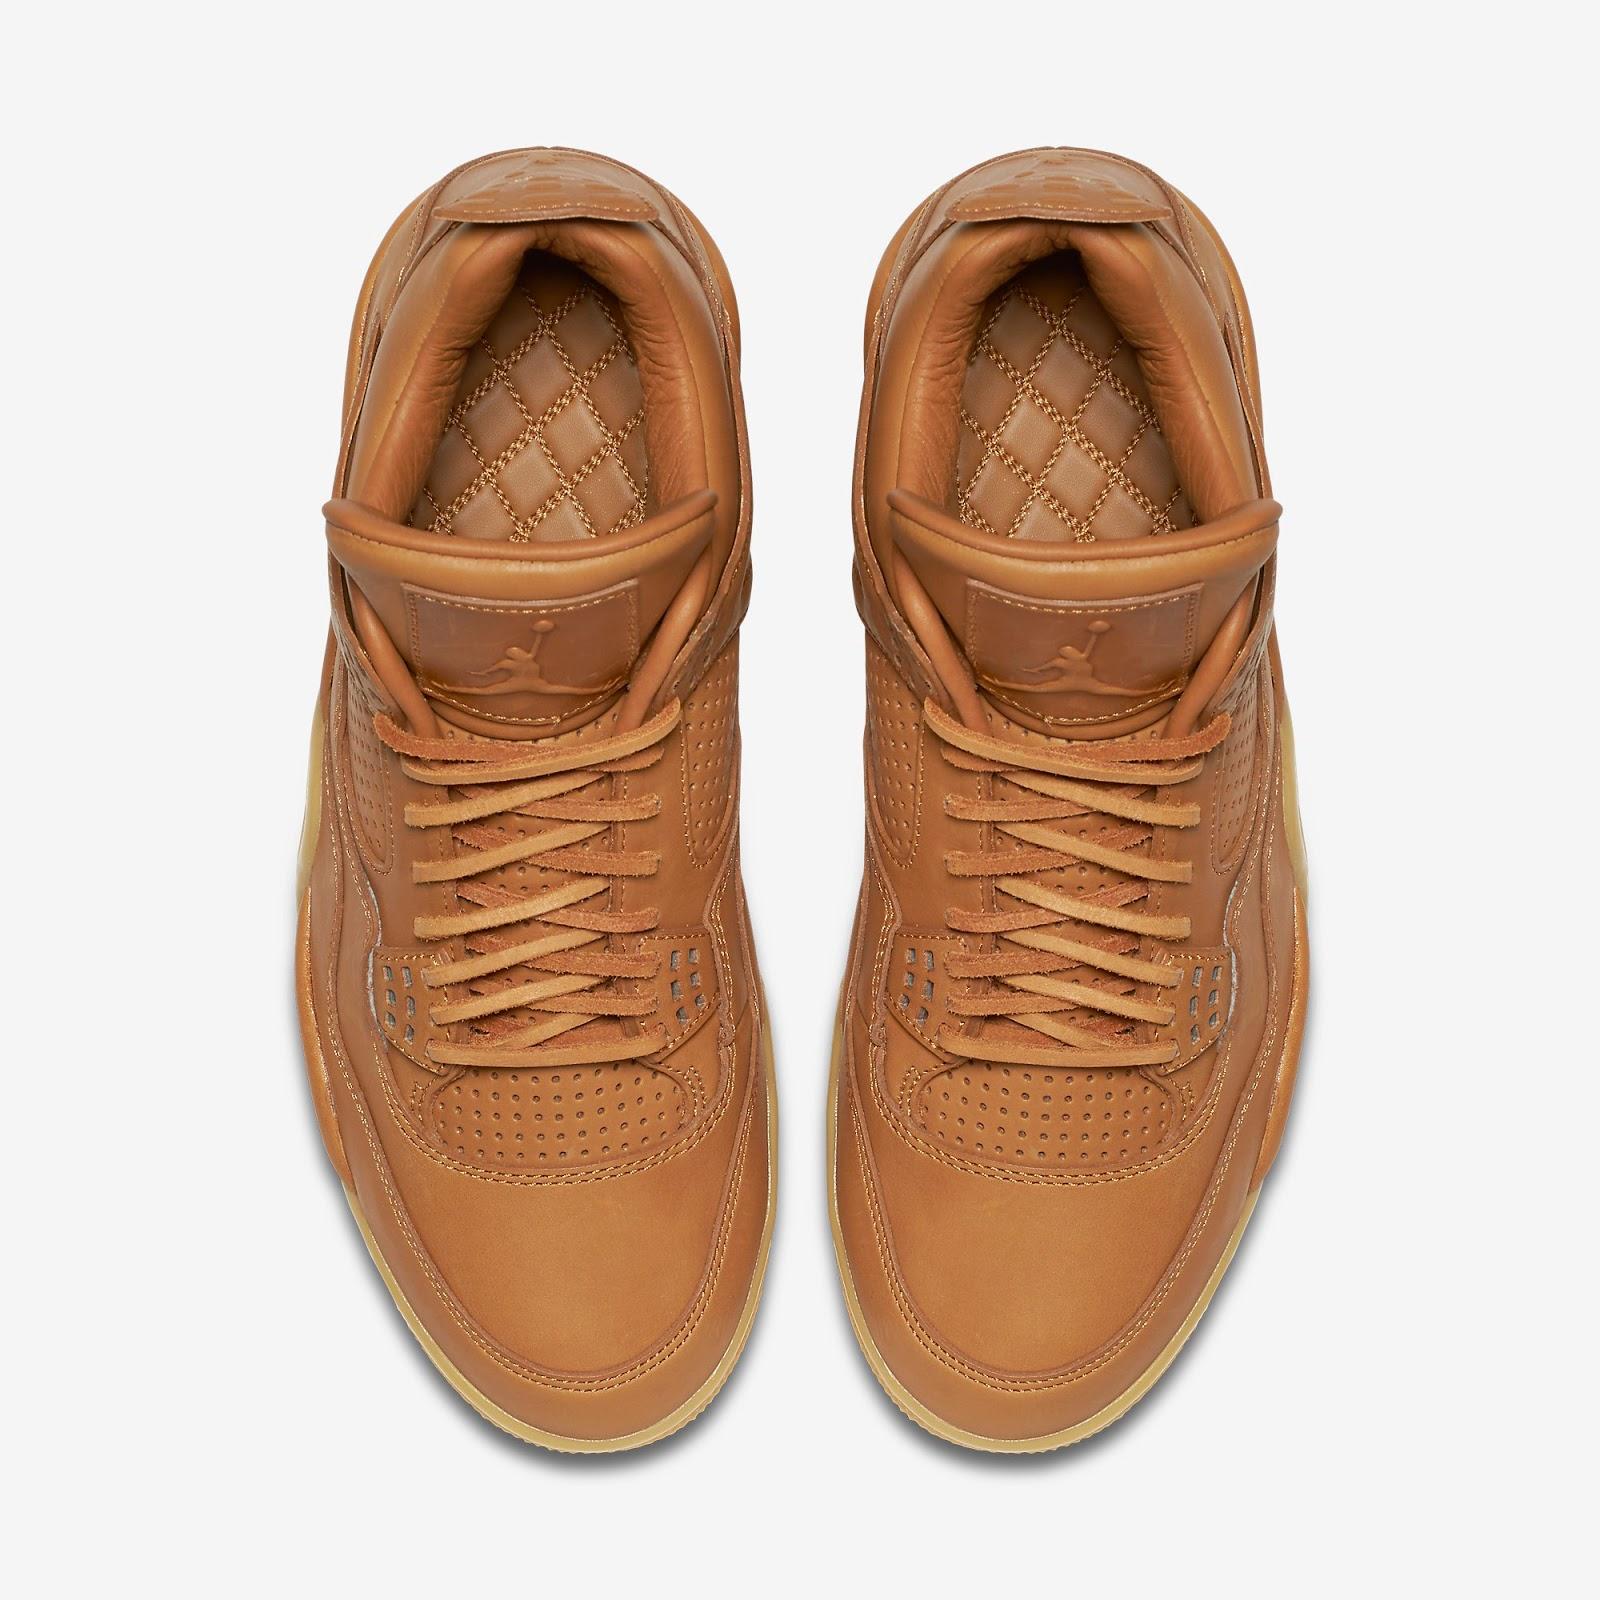 Nike Mens Air Jordan 4 Retro Premium Pinnacle WHEAT GingerGum Yellow 819139- 205 eBay ajordanxi Your 1 Source For Sneaker Release Dates Air Jordan ... 1a6cda00f